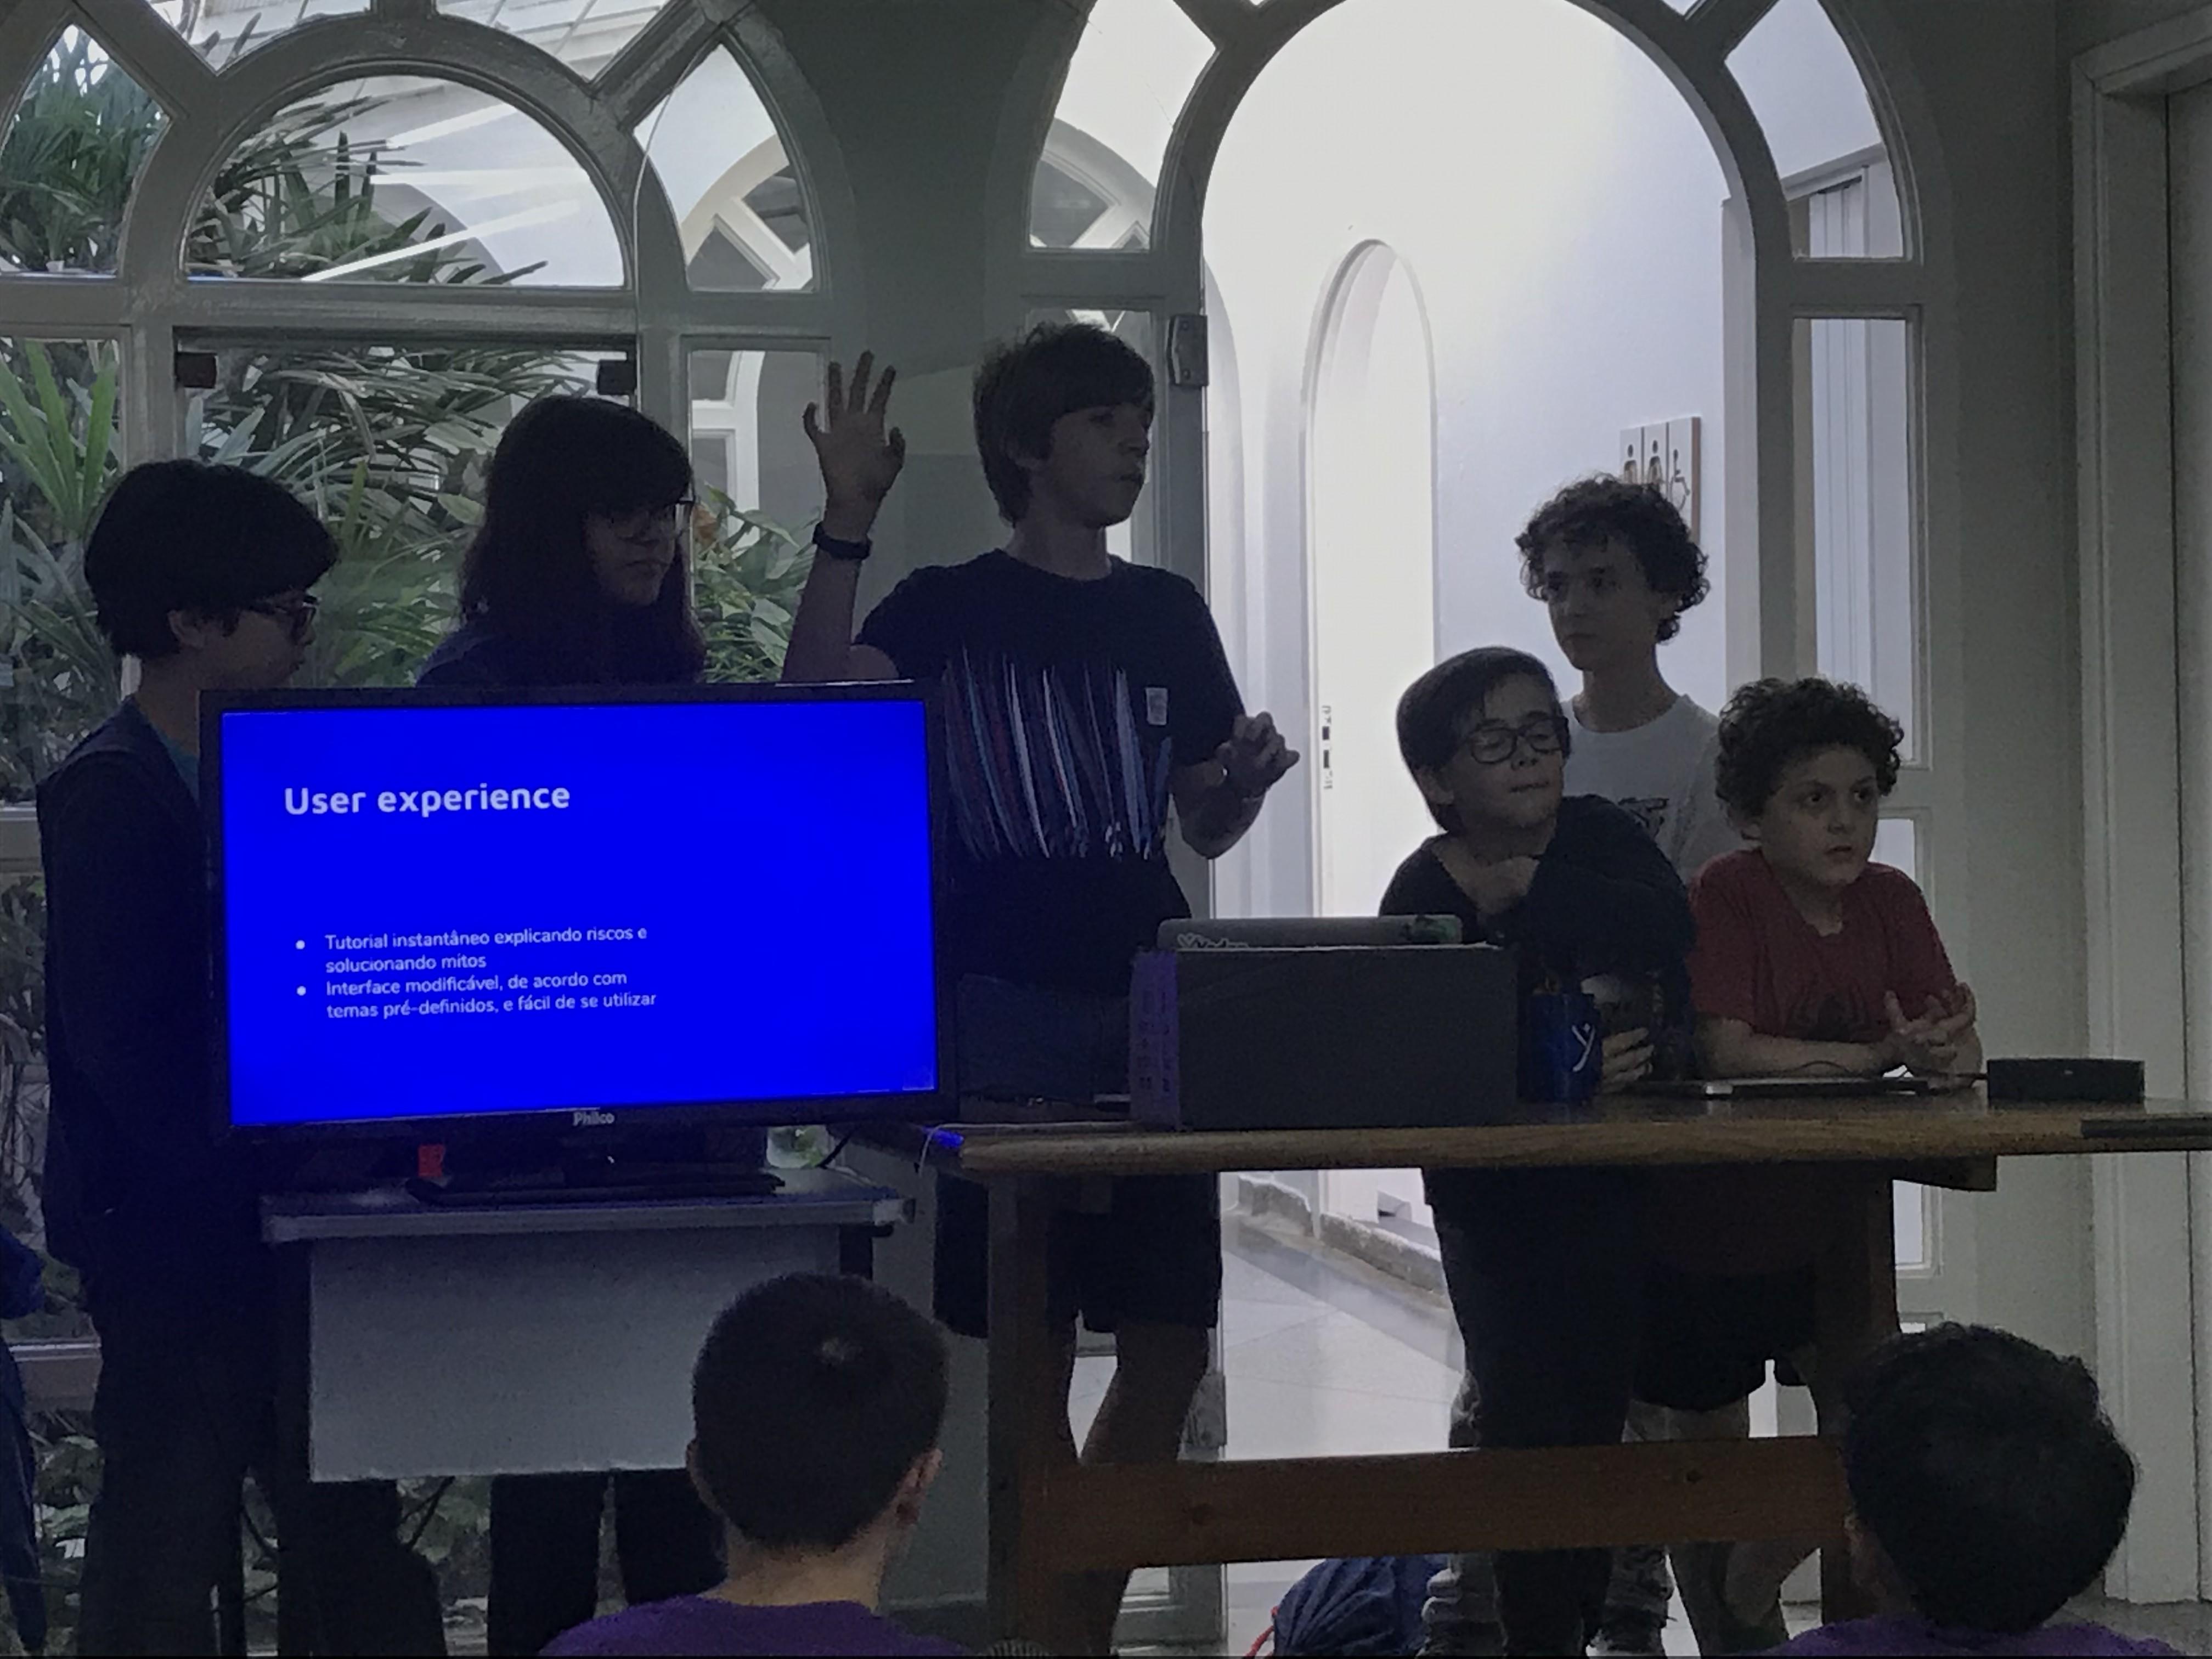 Festival de empreendedorismo e inovação realiza 60 atividades gratuitas em São Carlos - Notícias - Plantão Diário